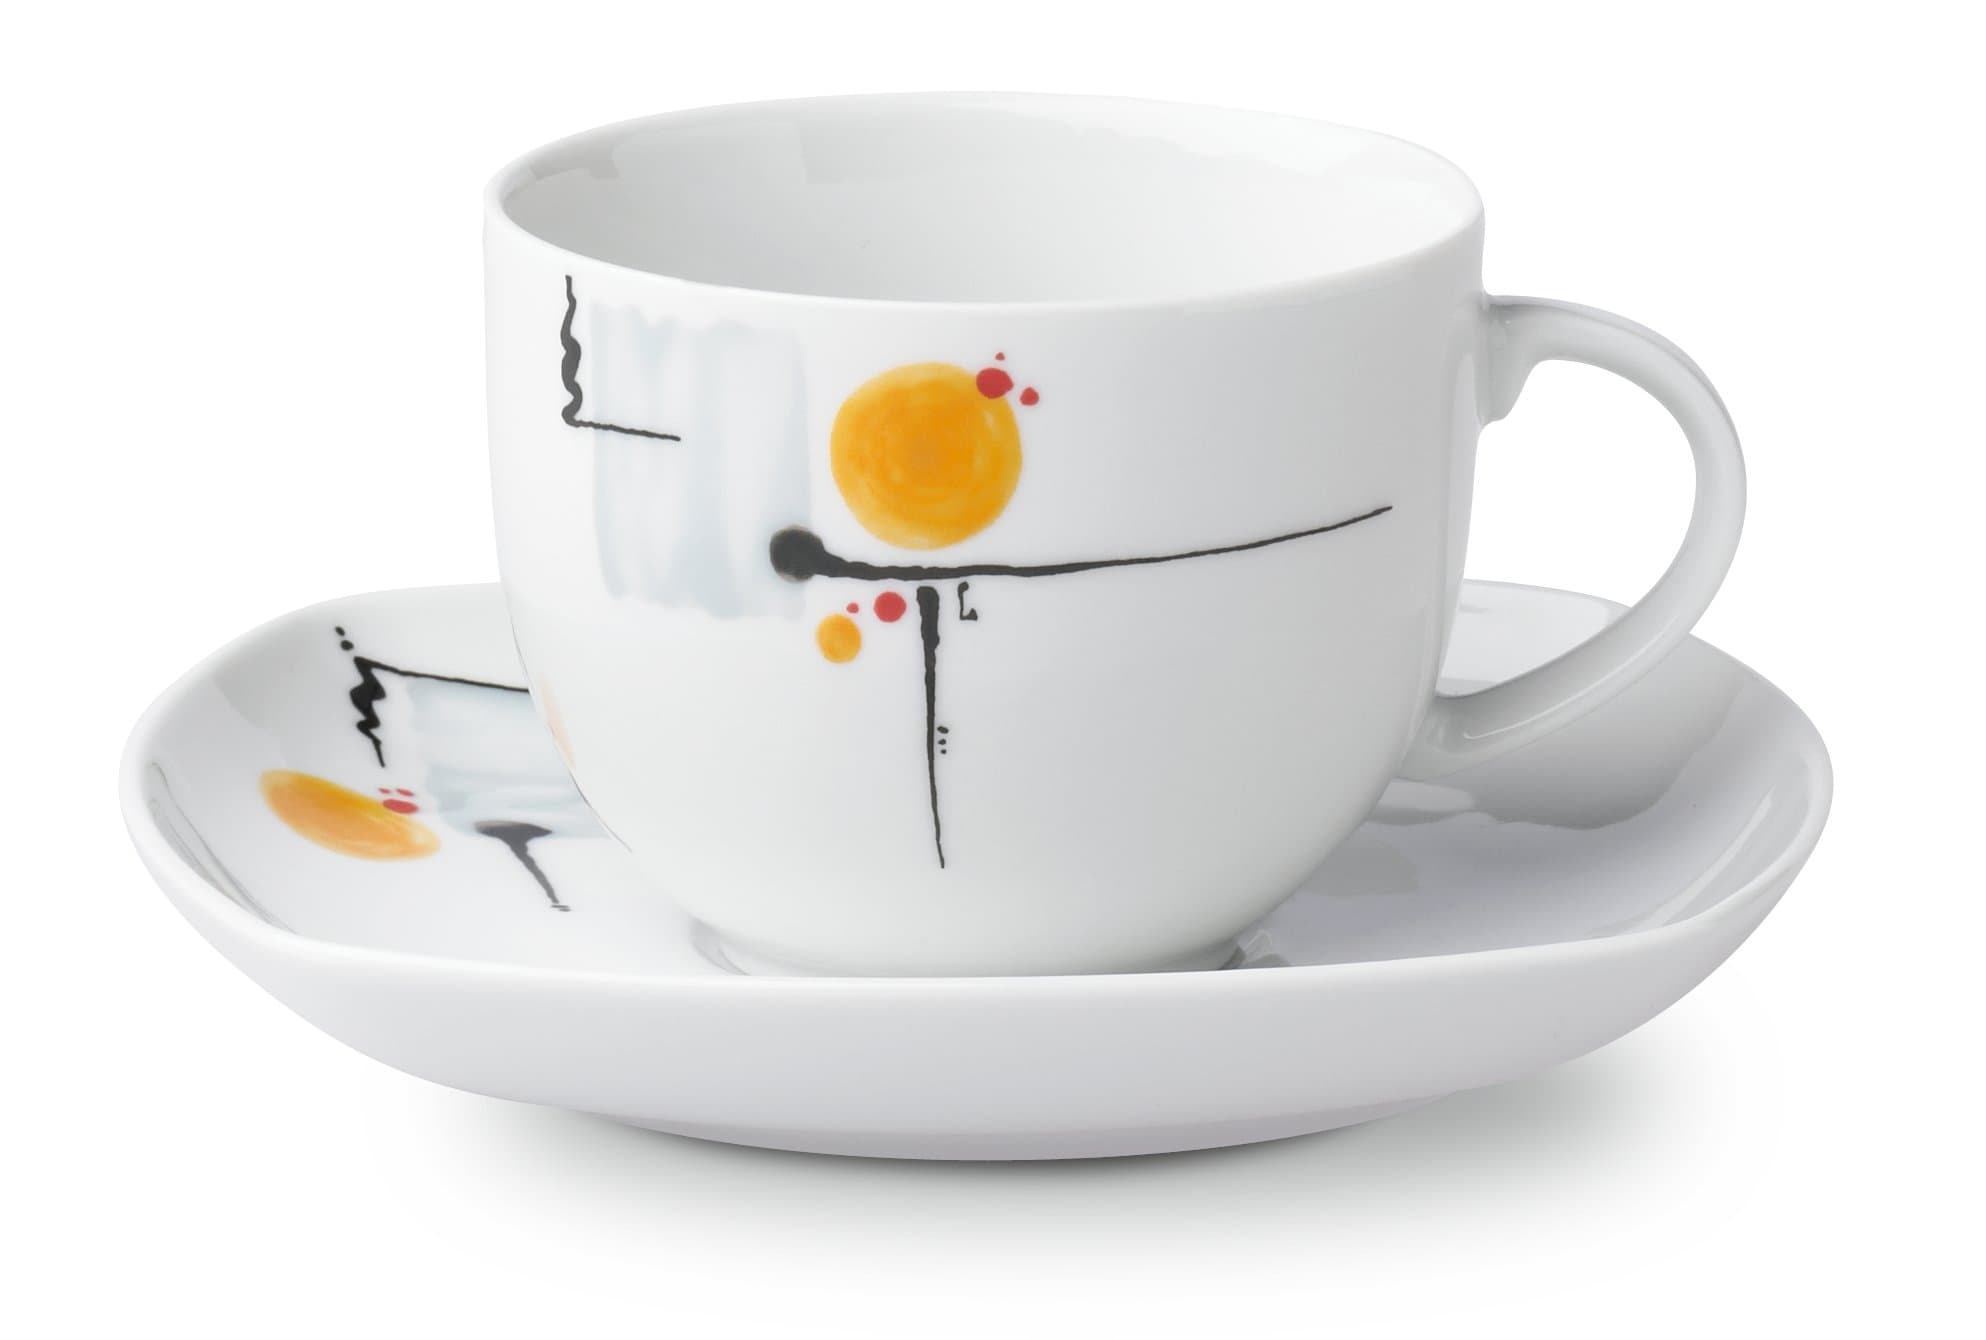 Cucina & Tavola SUNRISE Tazza da caffè con piattino